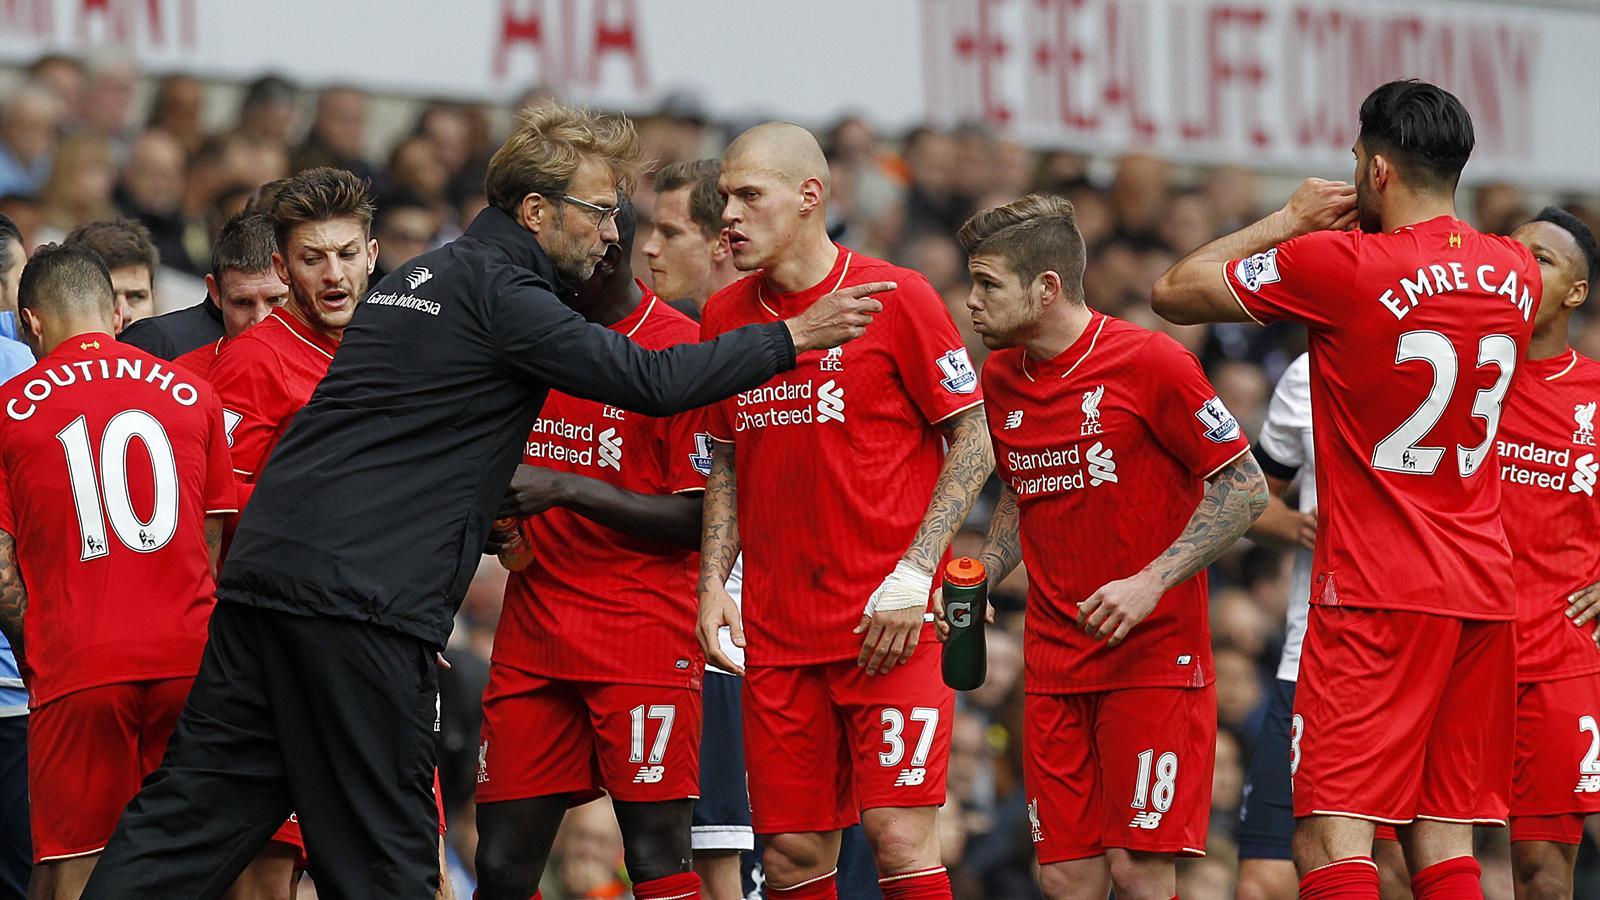 Jürgen Klopp en discussion avec ses joueurs lors de Tottenham-Liverpool